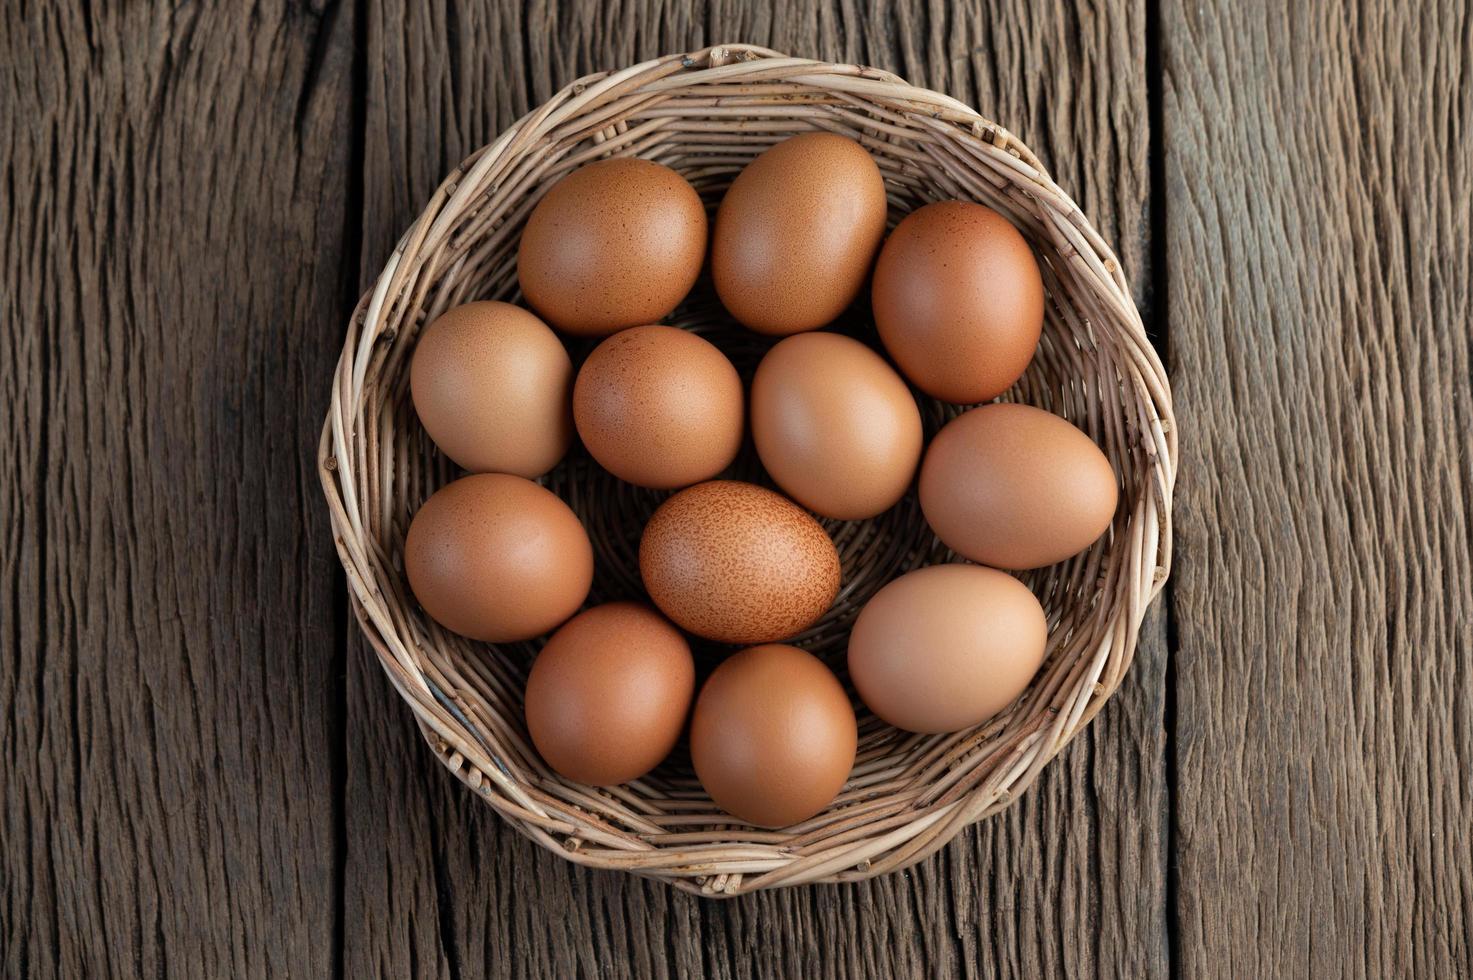 puso huevos en una canasta de madera foto